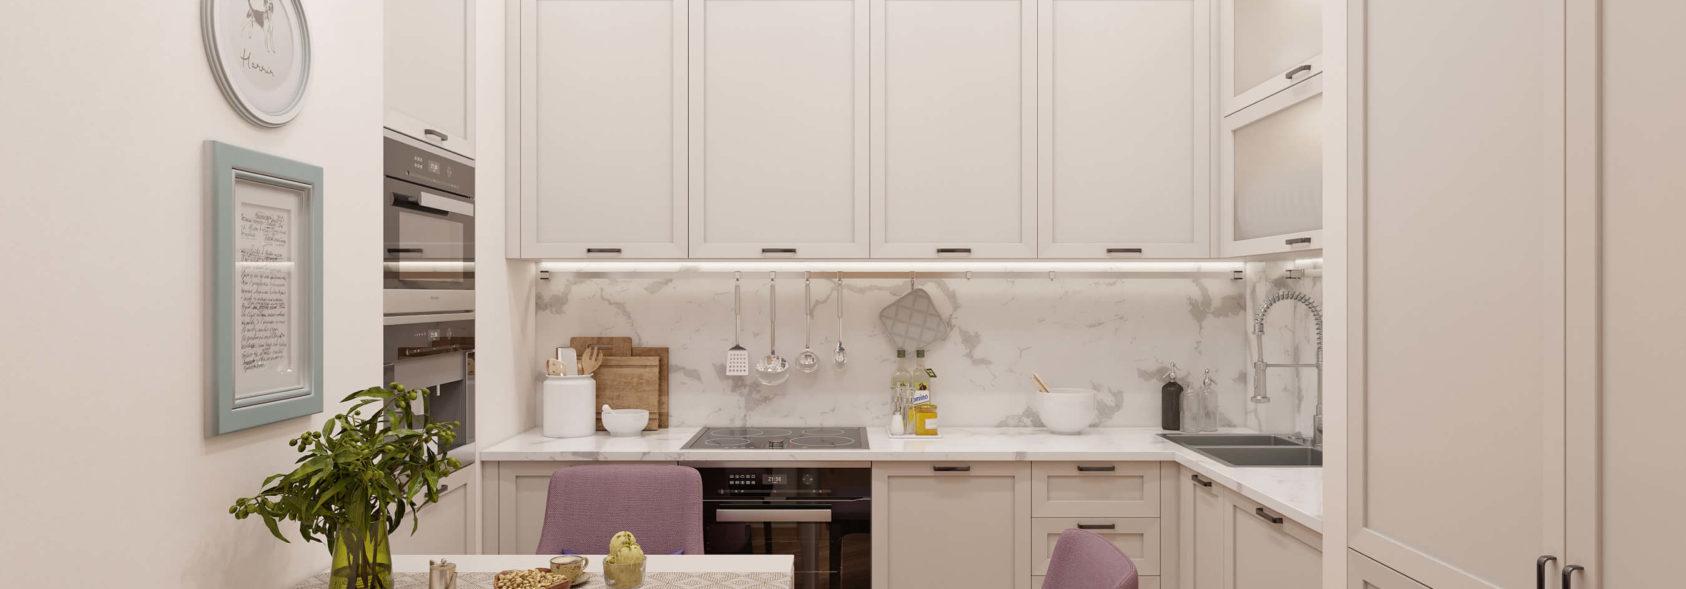 Интерьер квартиры кухня